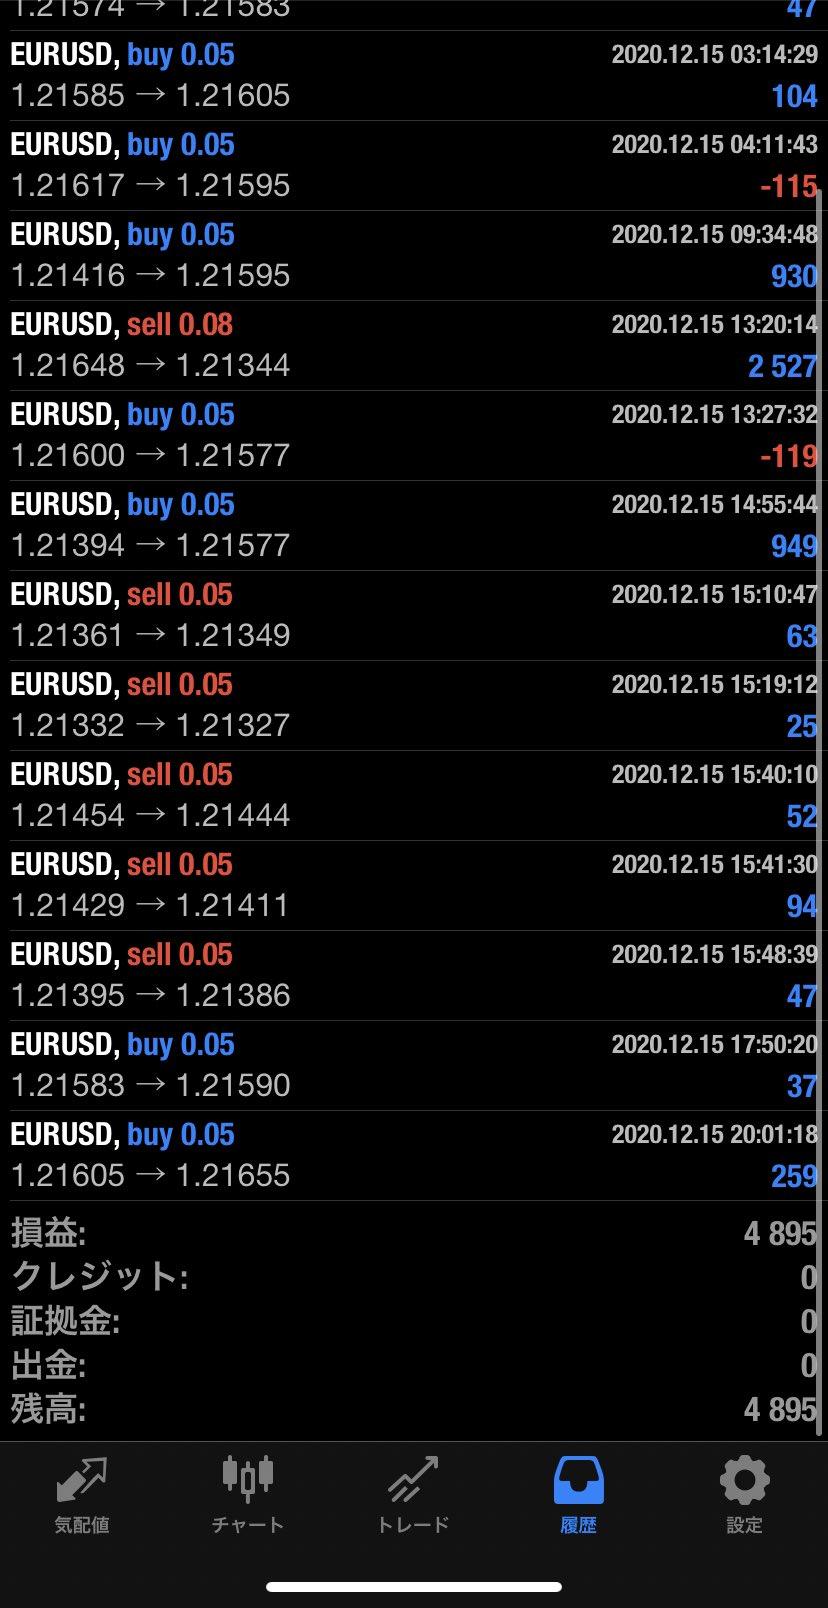 2020年12月15日 EUR/USDバージョン4,895円